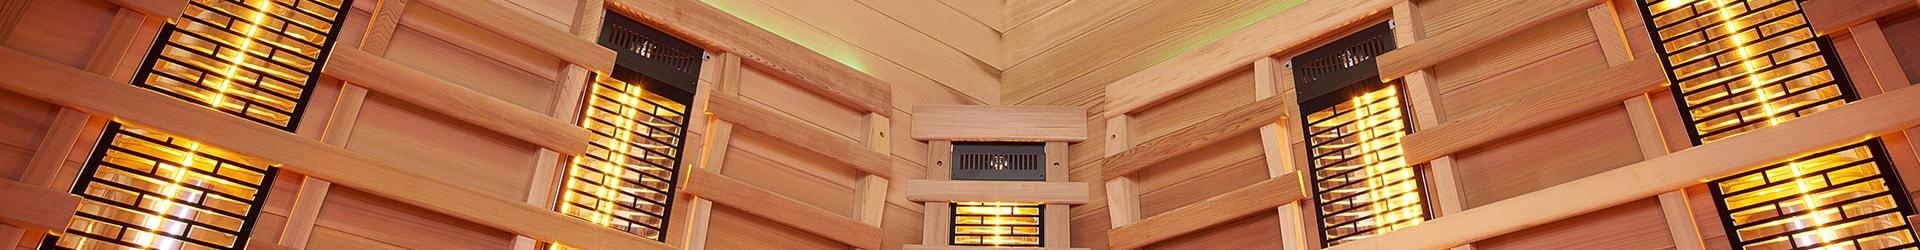 Sunspa Sauna Mechelen